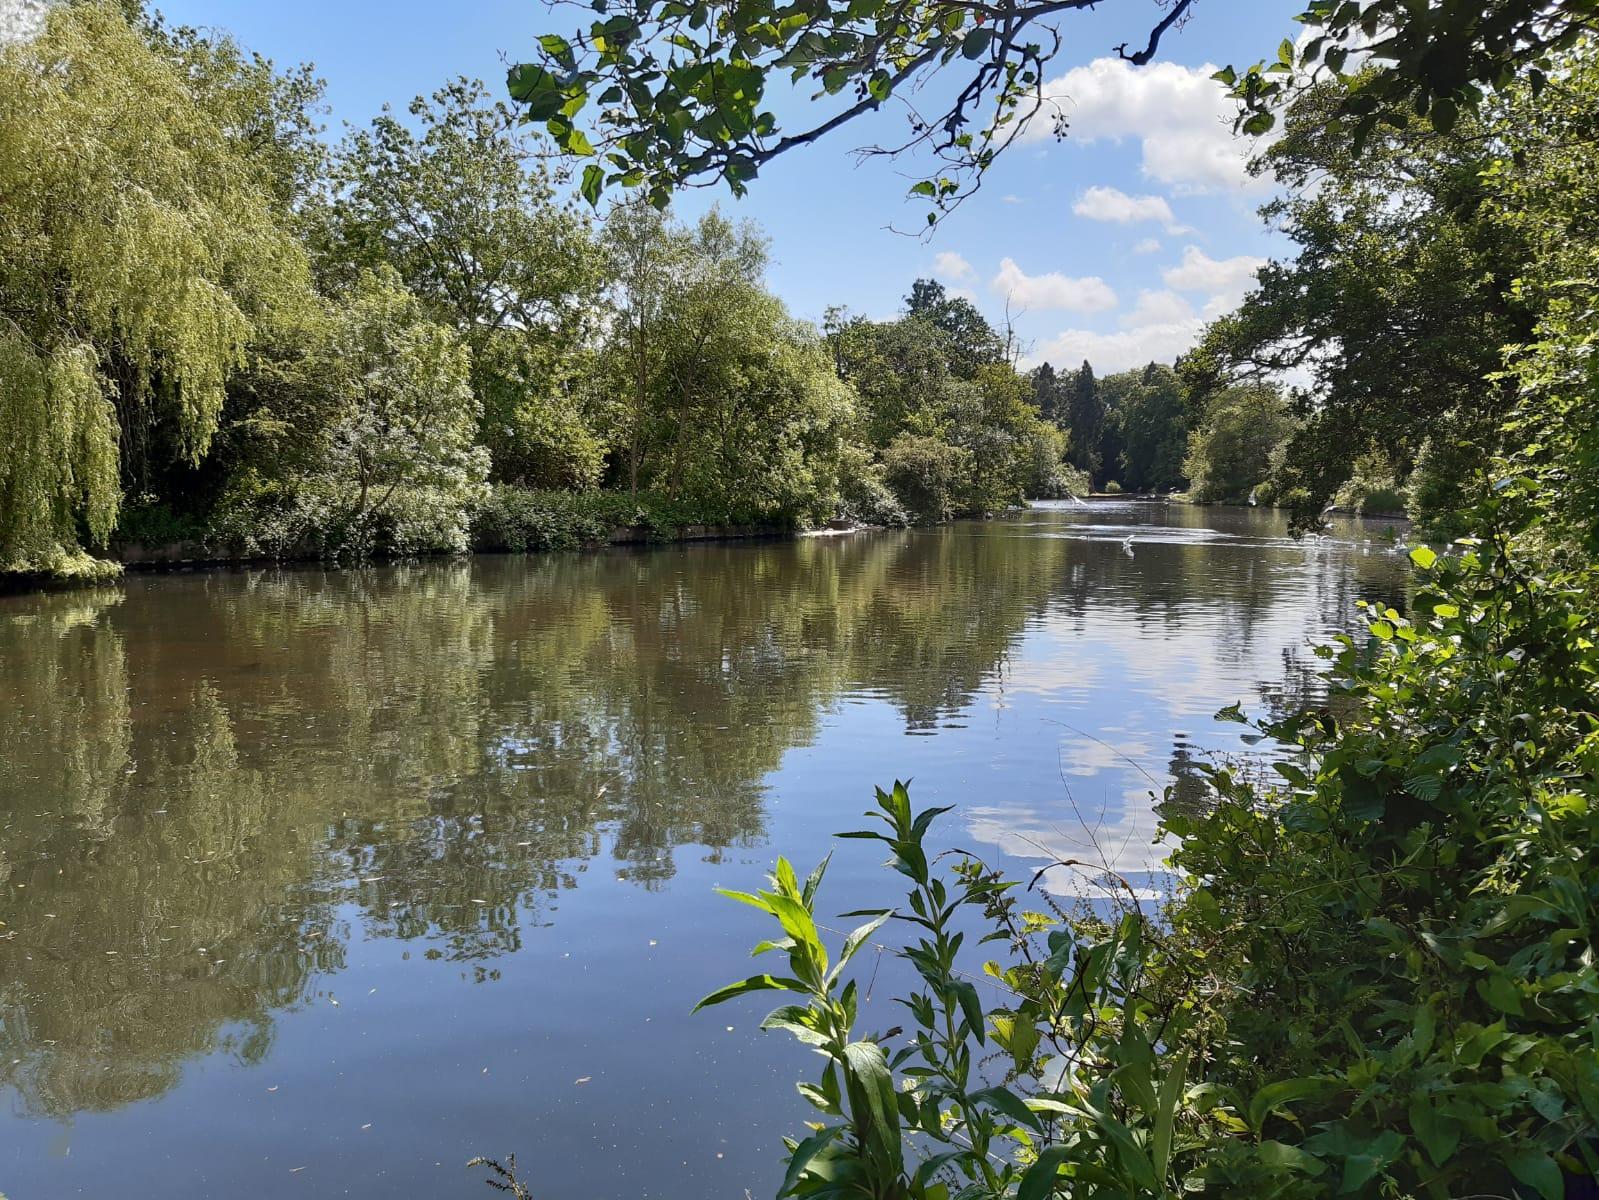 Malvern & Brueton Parks, Solihull